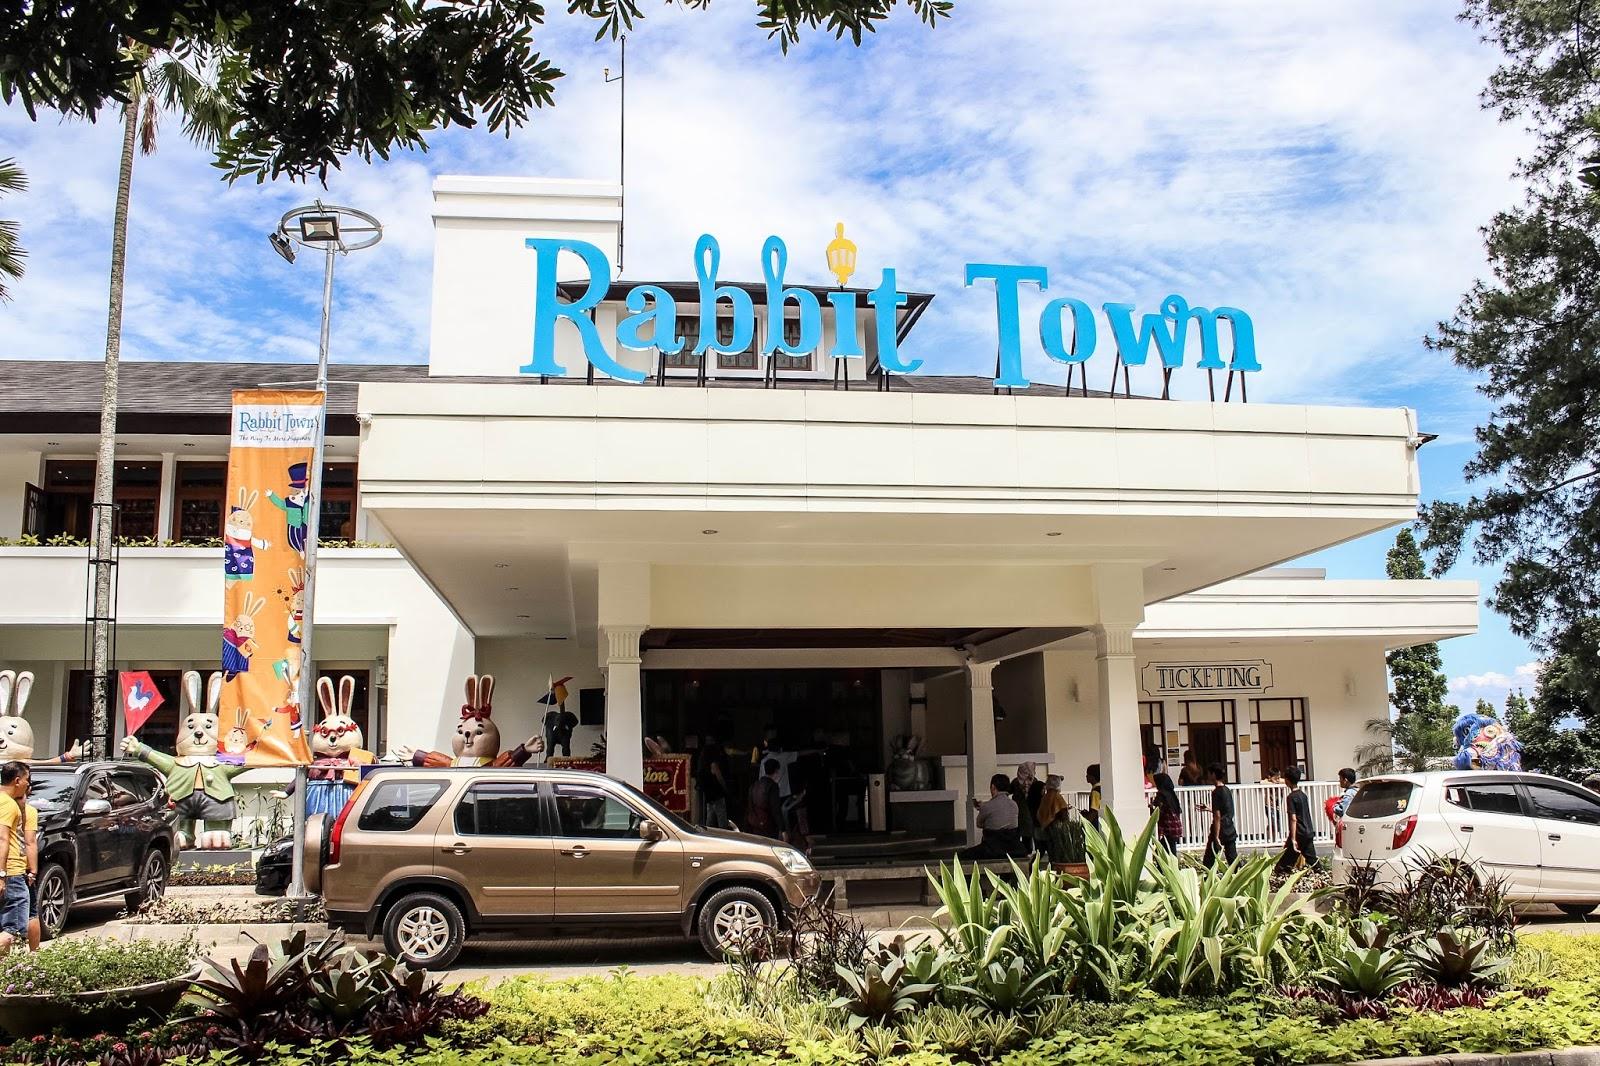 Travel Review Rabbit Town Bandung Wisata Selfie Untuk Seluruh Keluarga